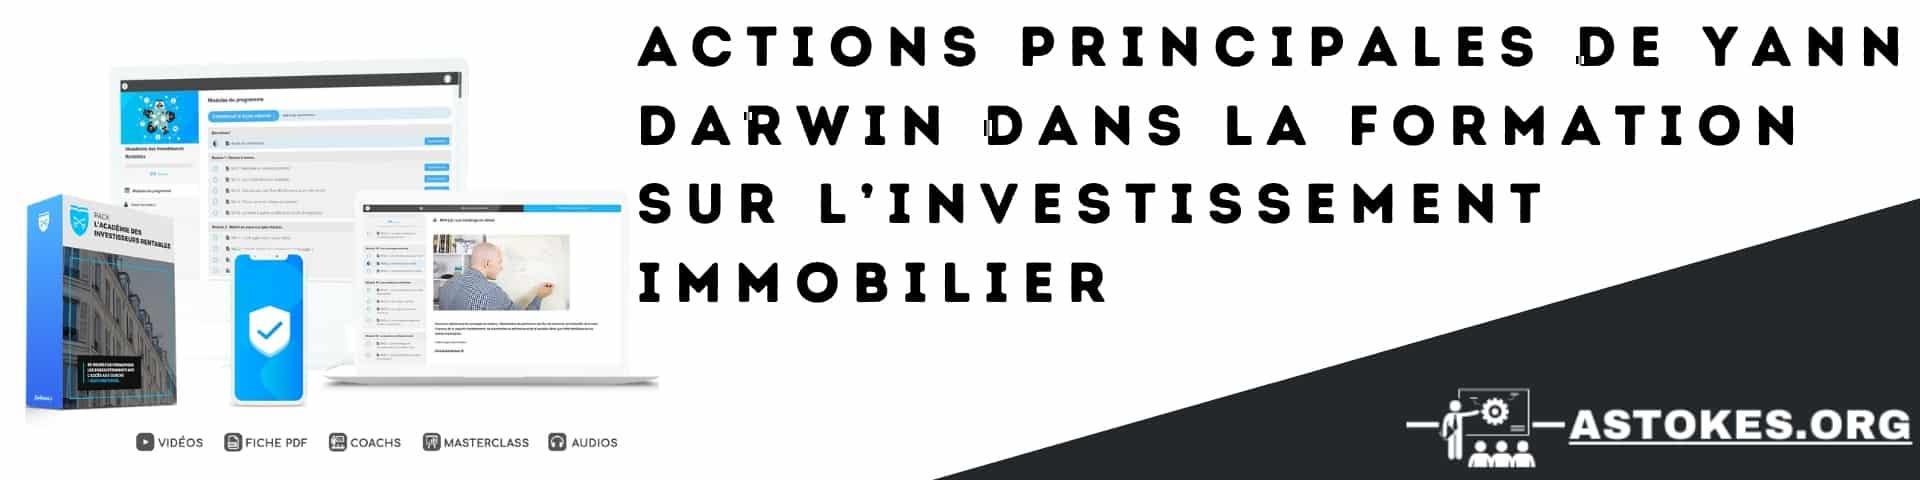 Actions principales de yann darwin dans la formation sur l'investissement immobilier